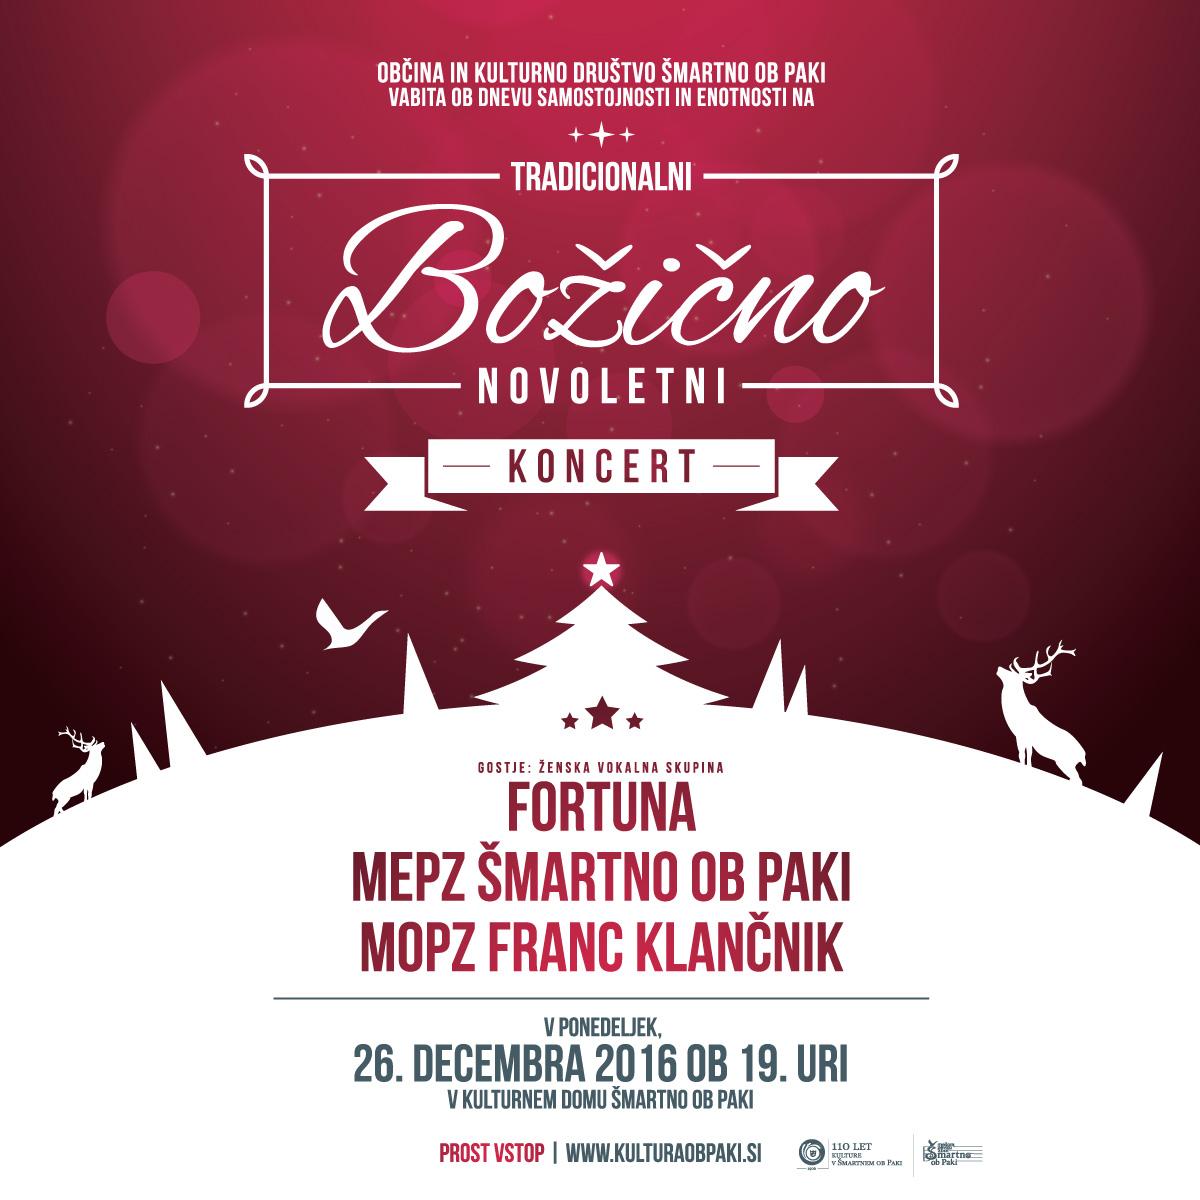 bozicno-novoletni-koncert-sop-oglas-1200x1200